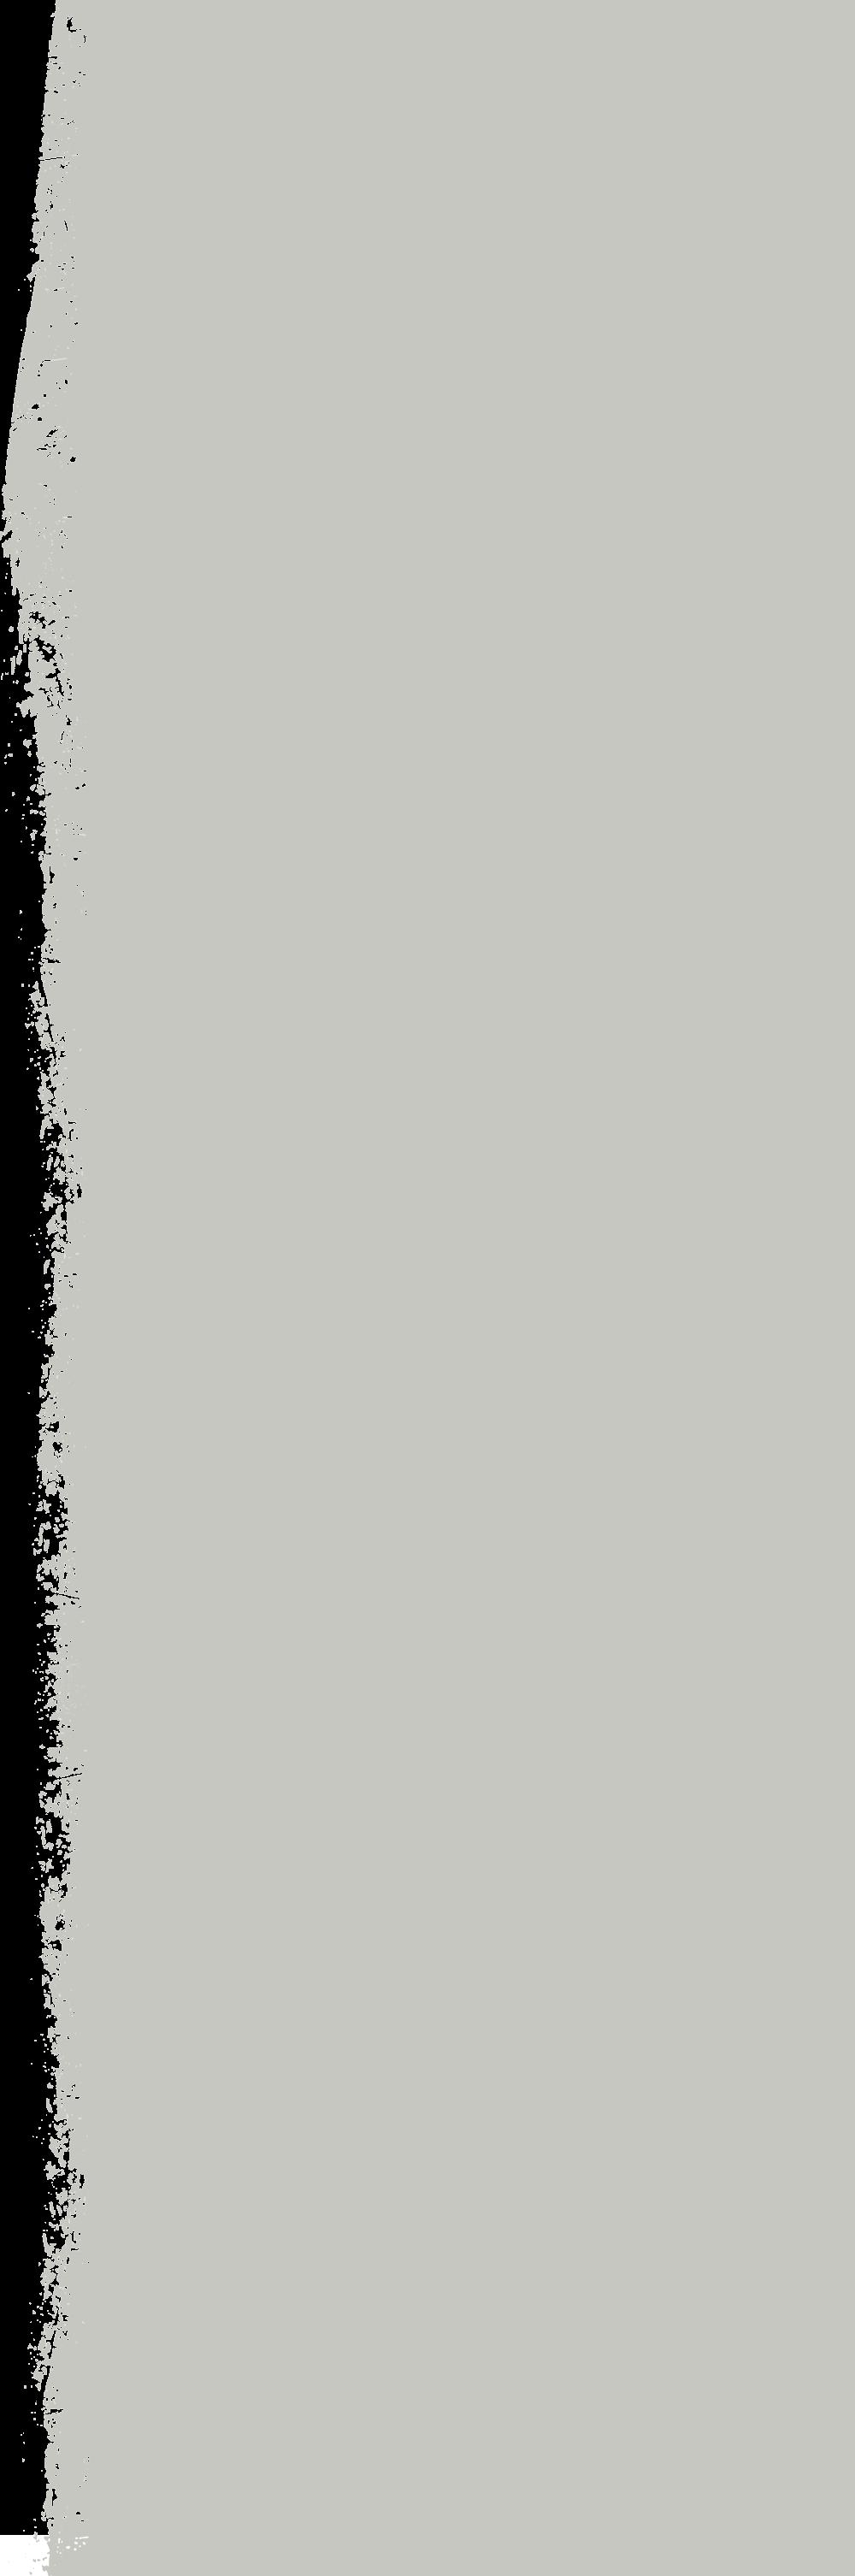 slim sculpture grey background